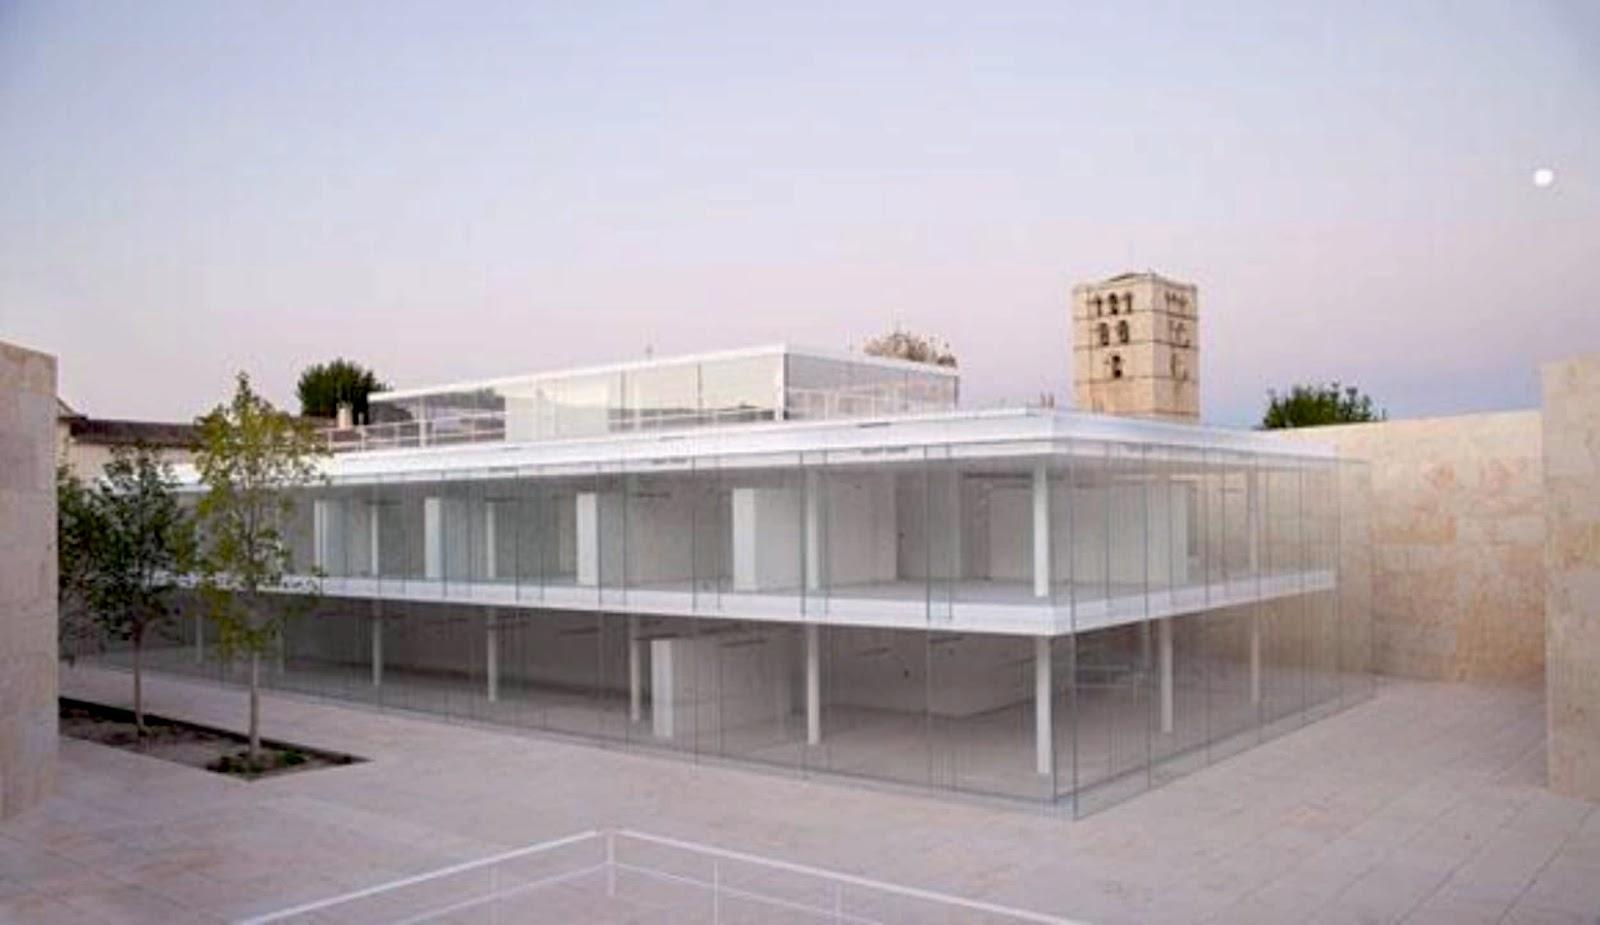 Offices for junta de castilla y leon by alberto campo baeza for Oficina turismo castilla y leon